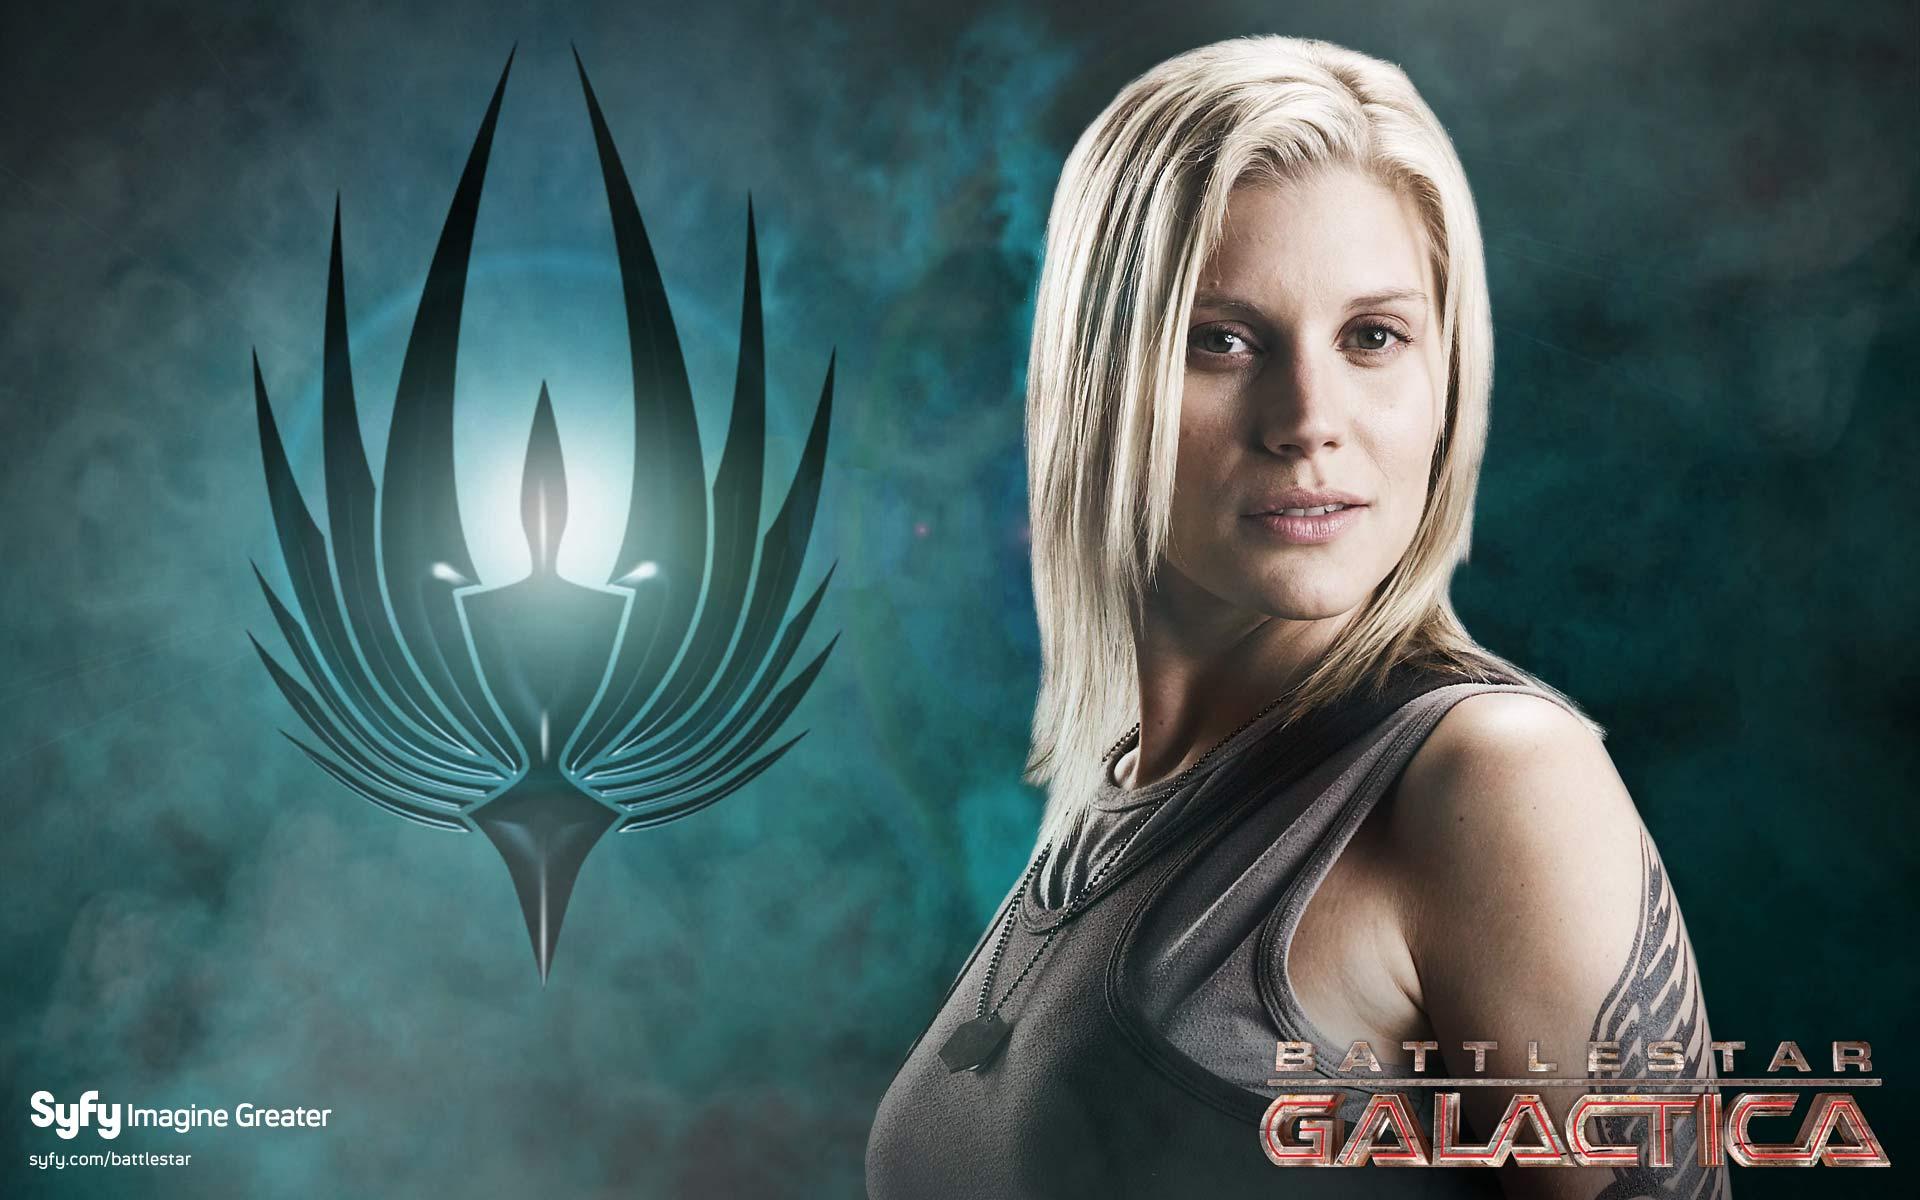 Battlestar Galactica 2003 Widescreen Wallpaper